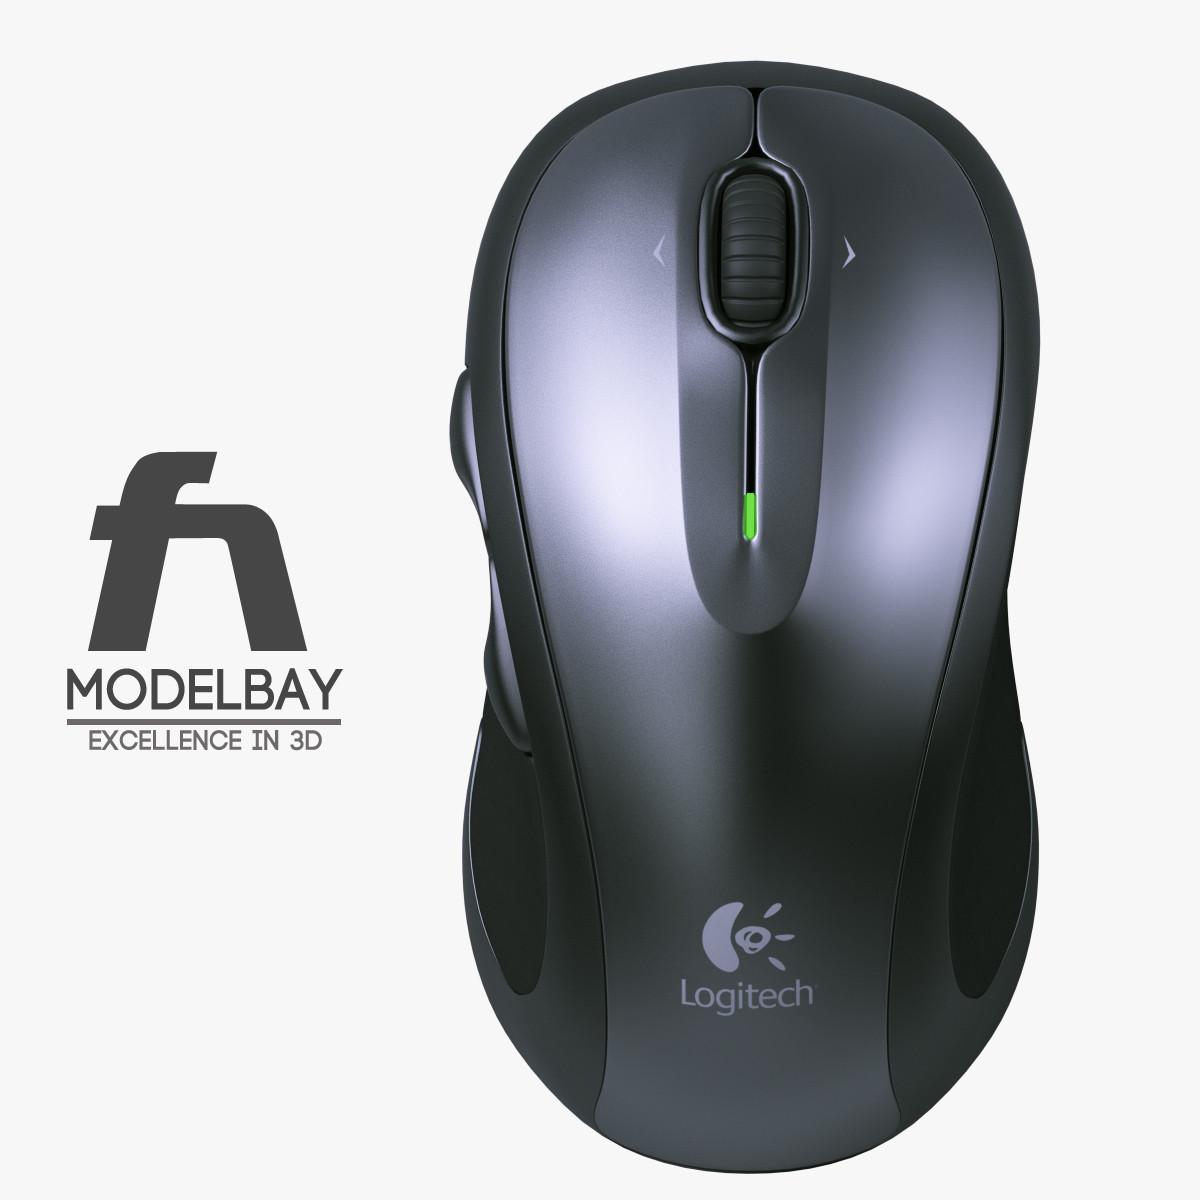 Logitech Wireless Mouse 3d Model